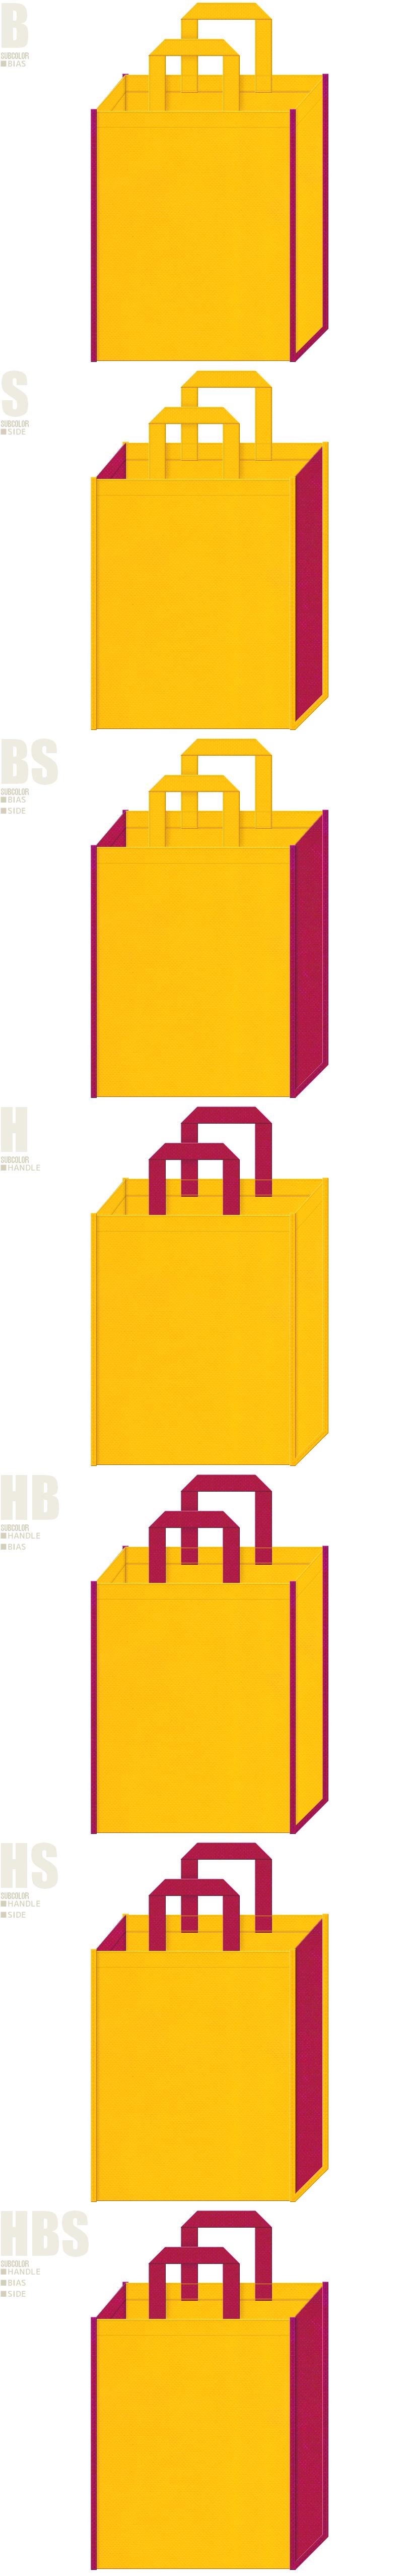 観光・南国リゾート・トロピカル飲料のバッグノベルティにお奨めの、黄色と濃いピンク色、7パターンの不織布トートバッグ配色デザイン例。